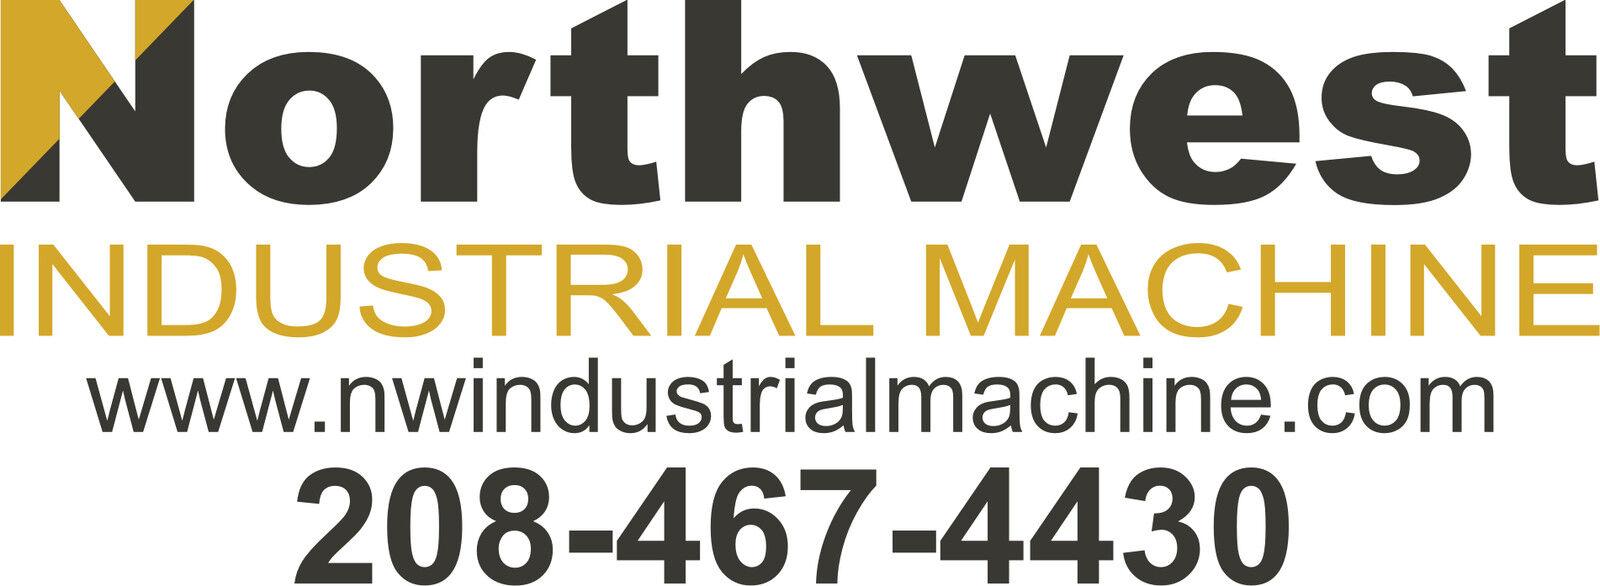 Northwest Industrial Machine